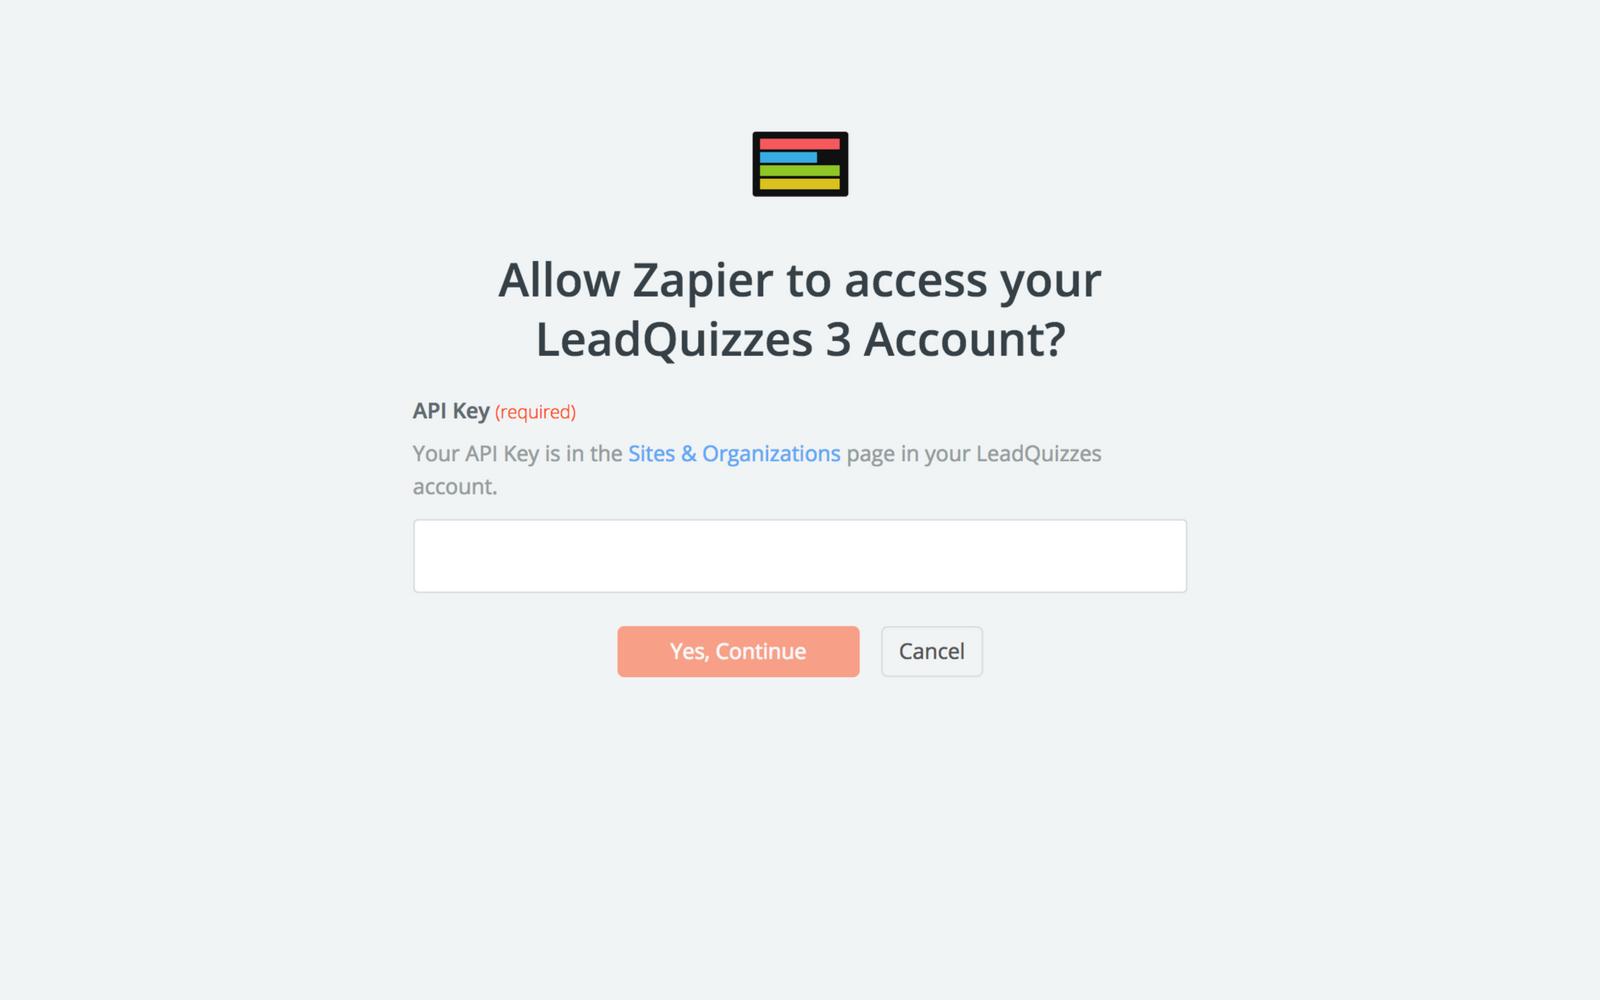 LeadQuizzes 3 API Key